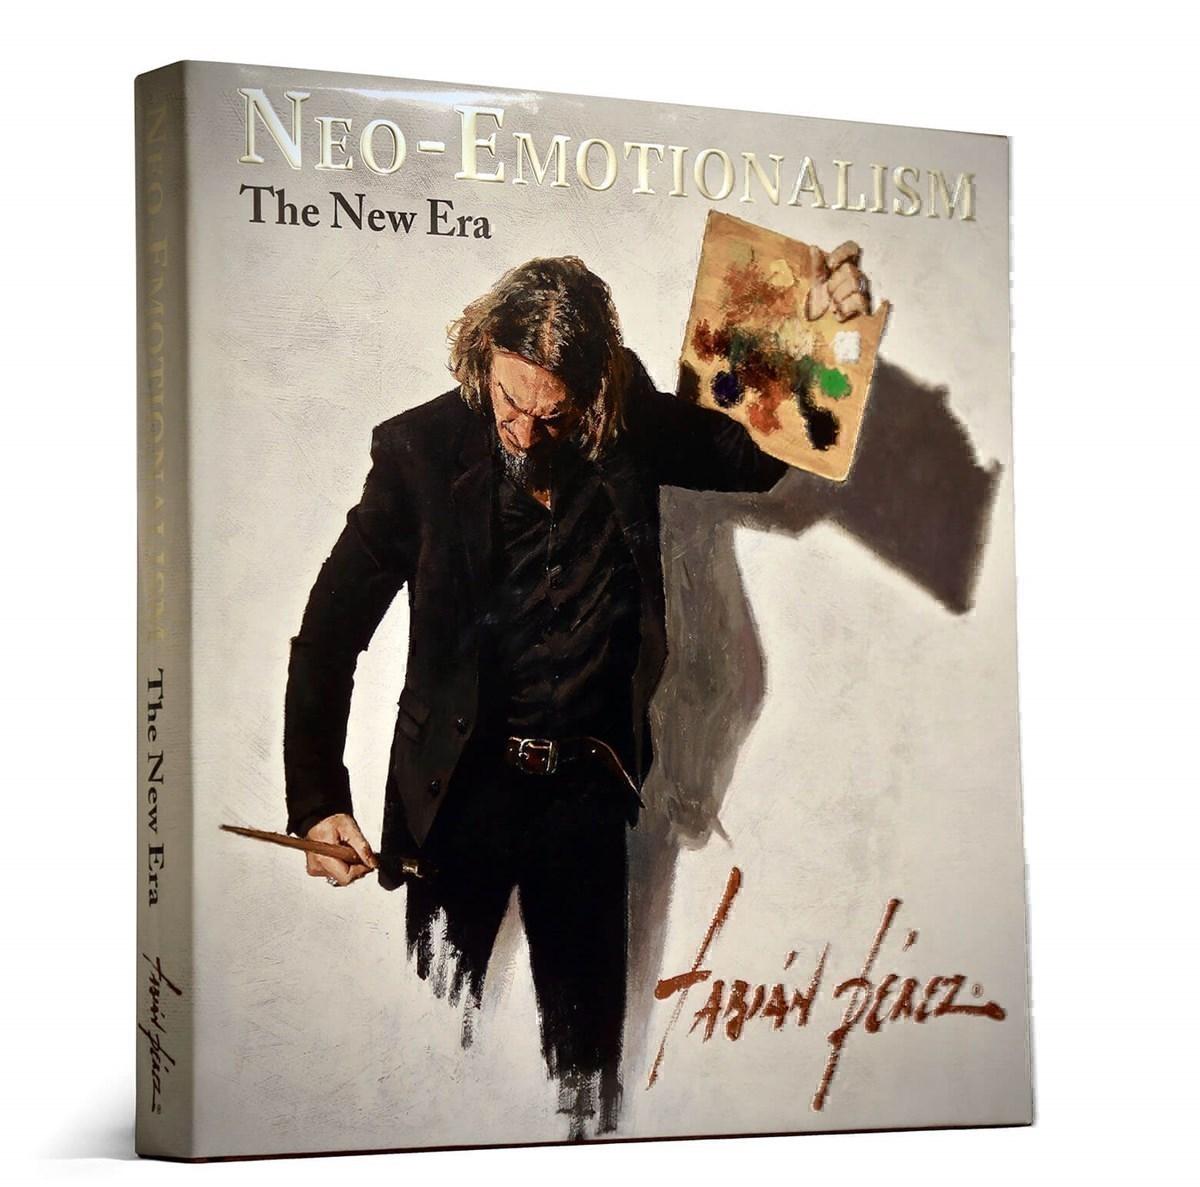 Neo Emotionalism New Era by Fabian Perez -